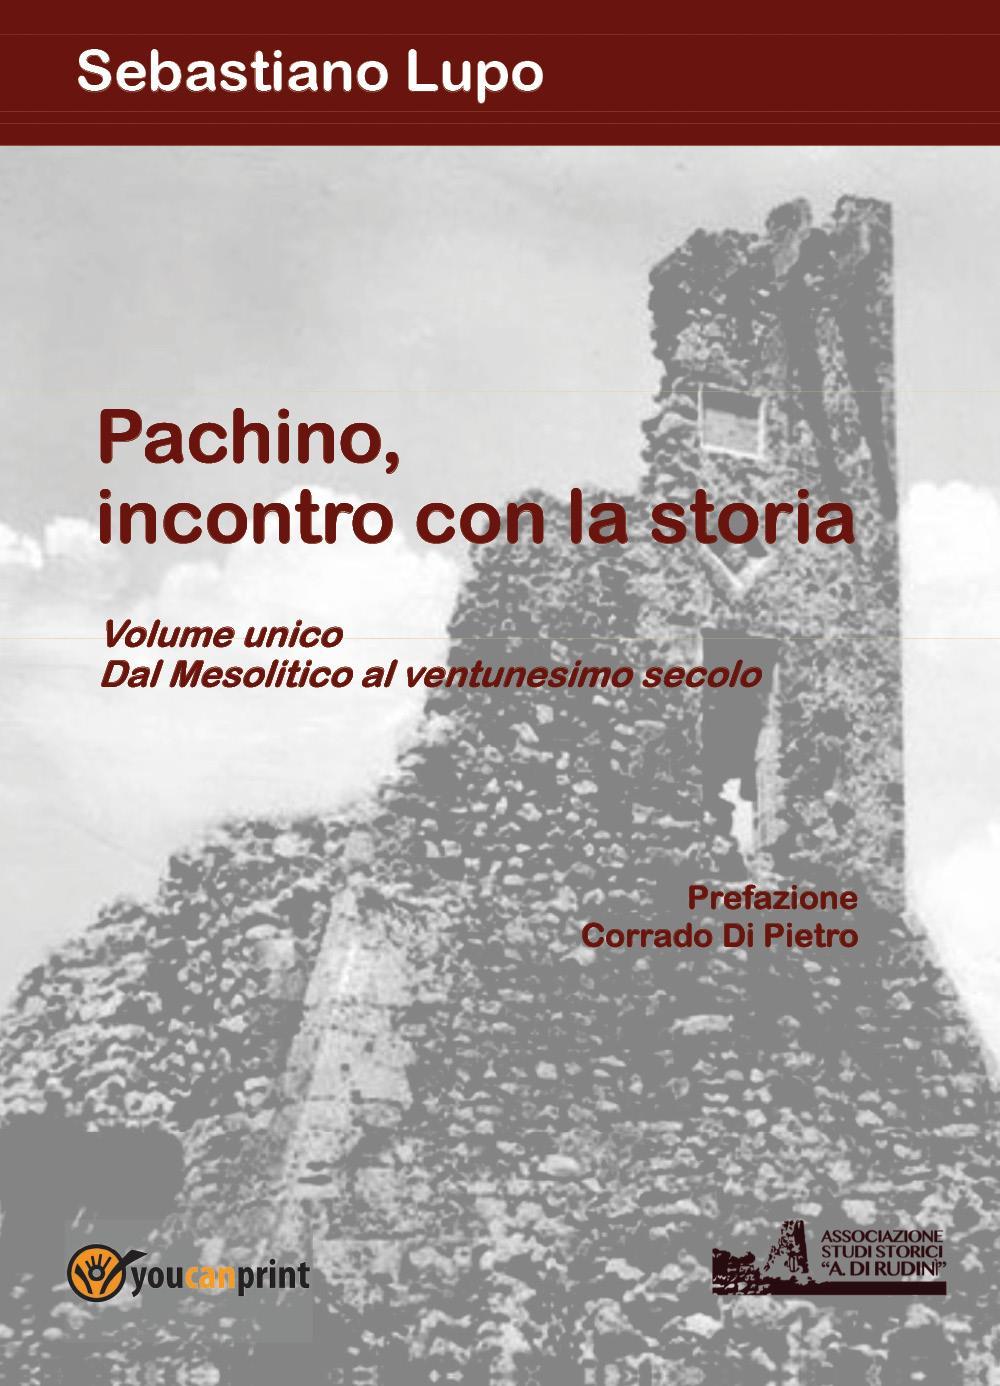 Pachino, incontro con la storia Volume unico Dal Mesolitico al ventunesimo secolo